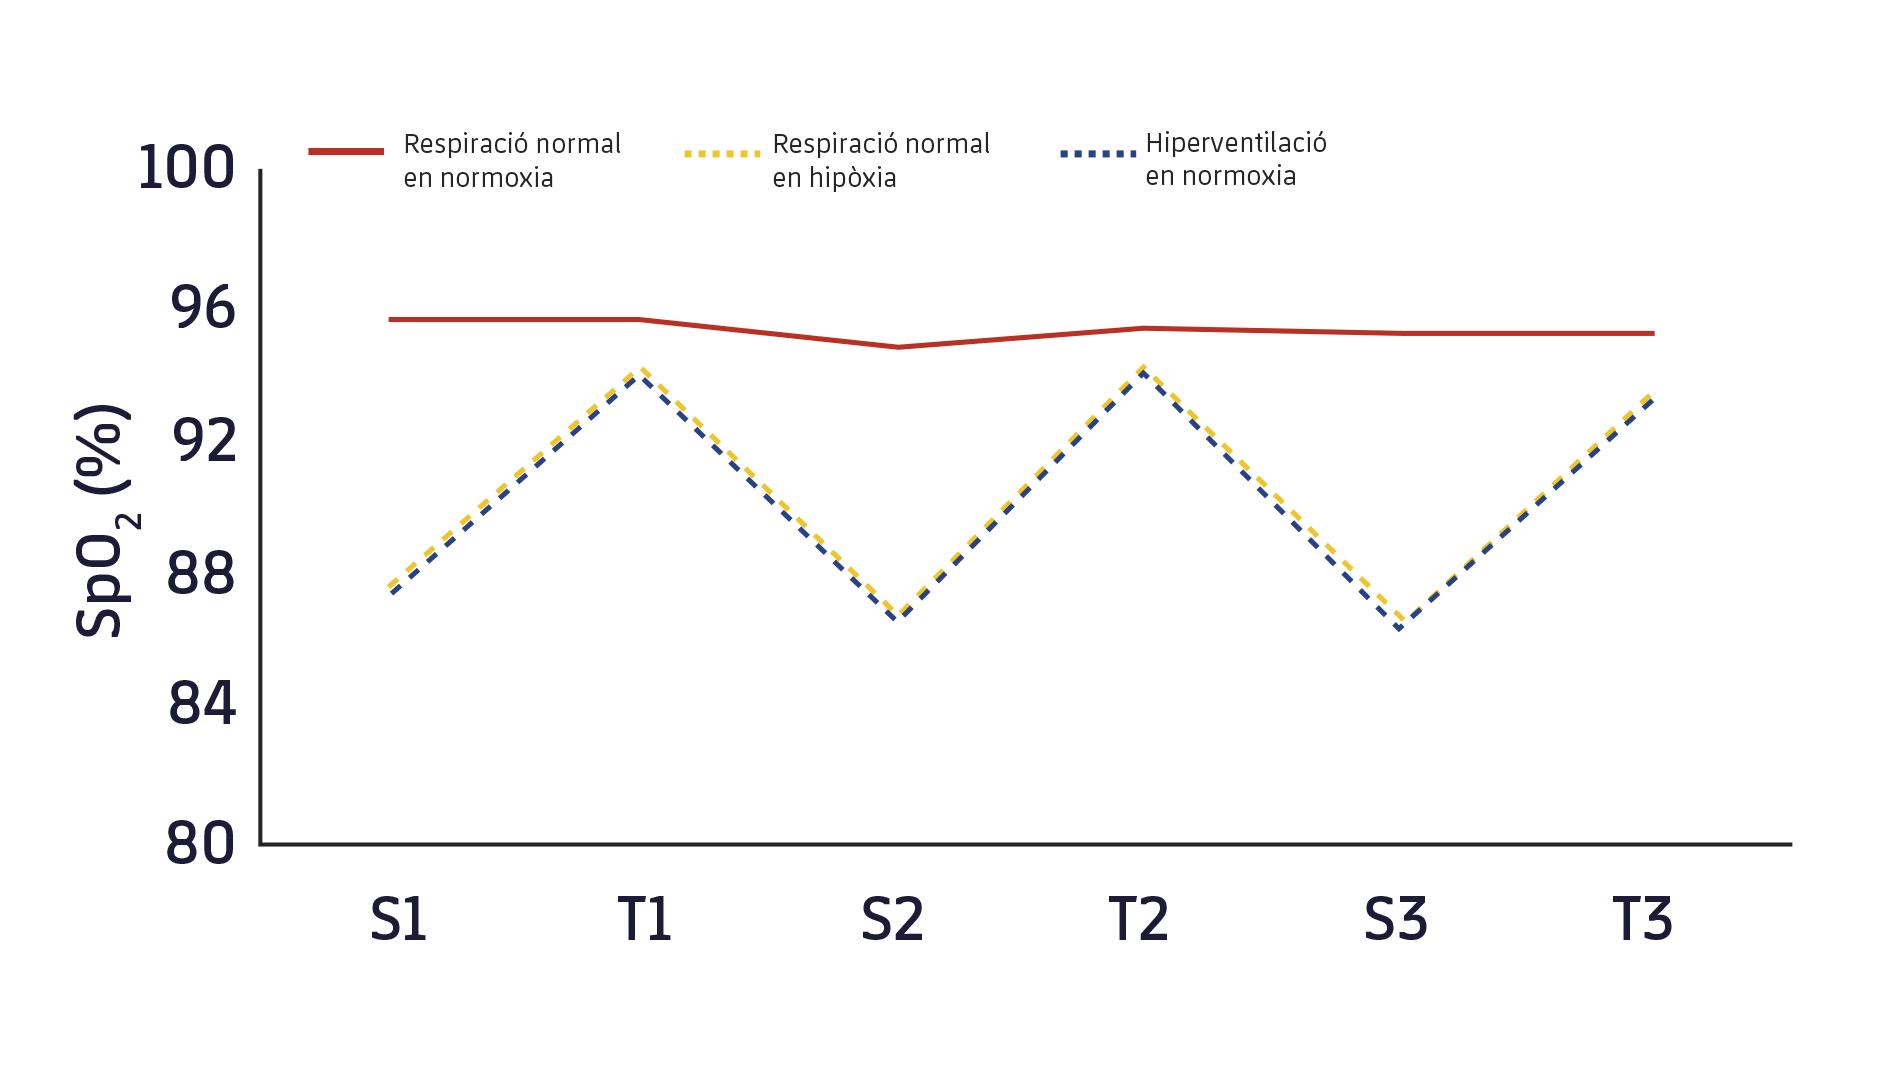 Figura 1. Variació de la saturació d'oxigen (SpO2 %) al llarg de les 3 sèries de 5 minuts.3 S1, S2, S3, sèrie 1, 2 i 3; T1, T2, T3, descans 1, 2 i 3.